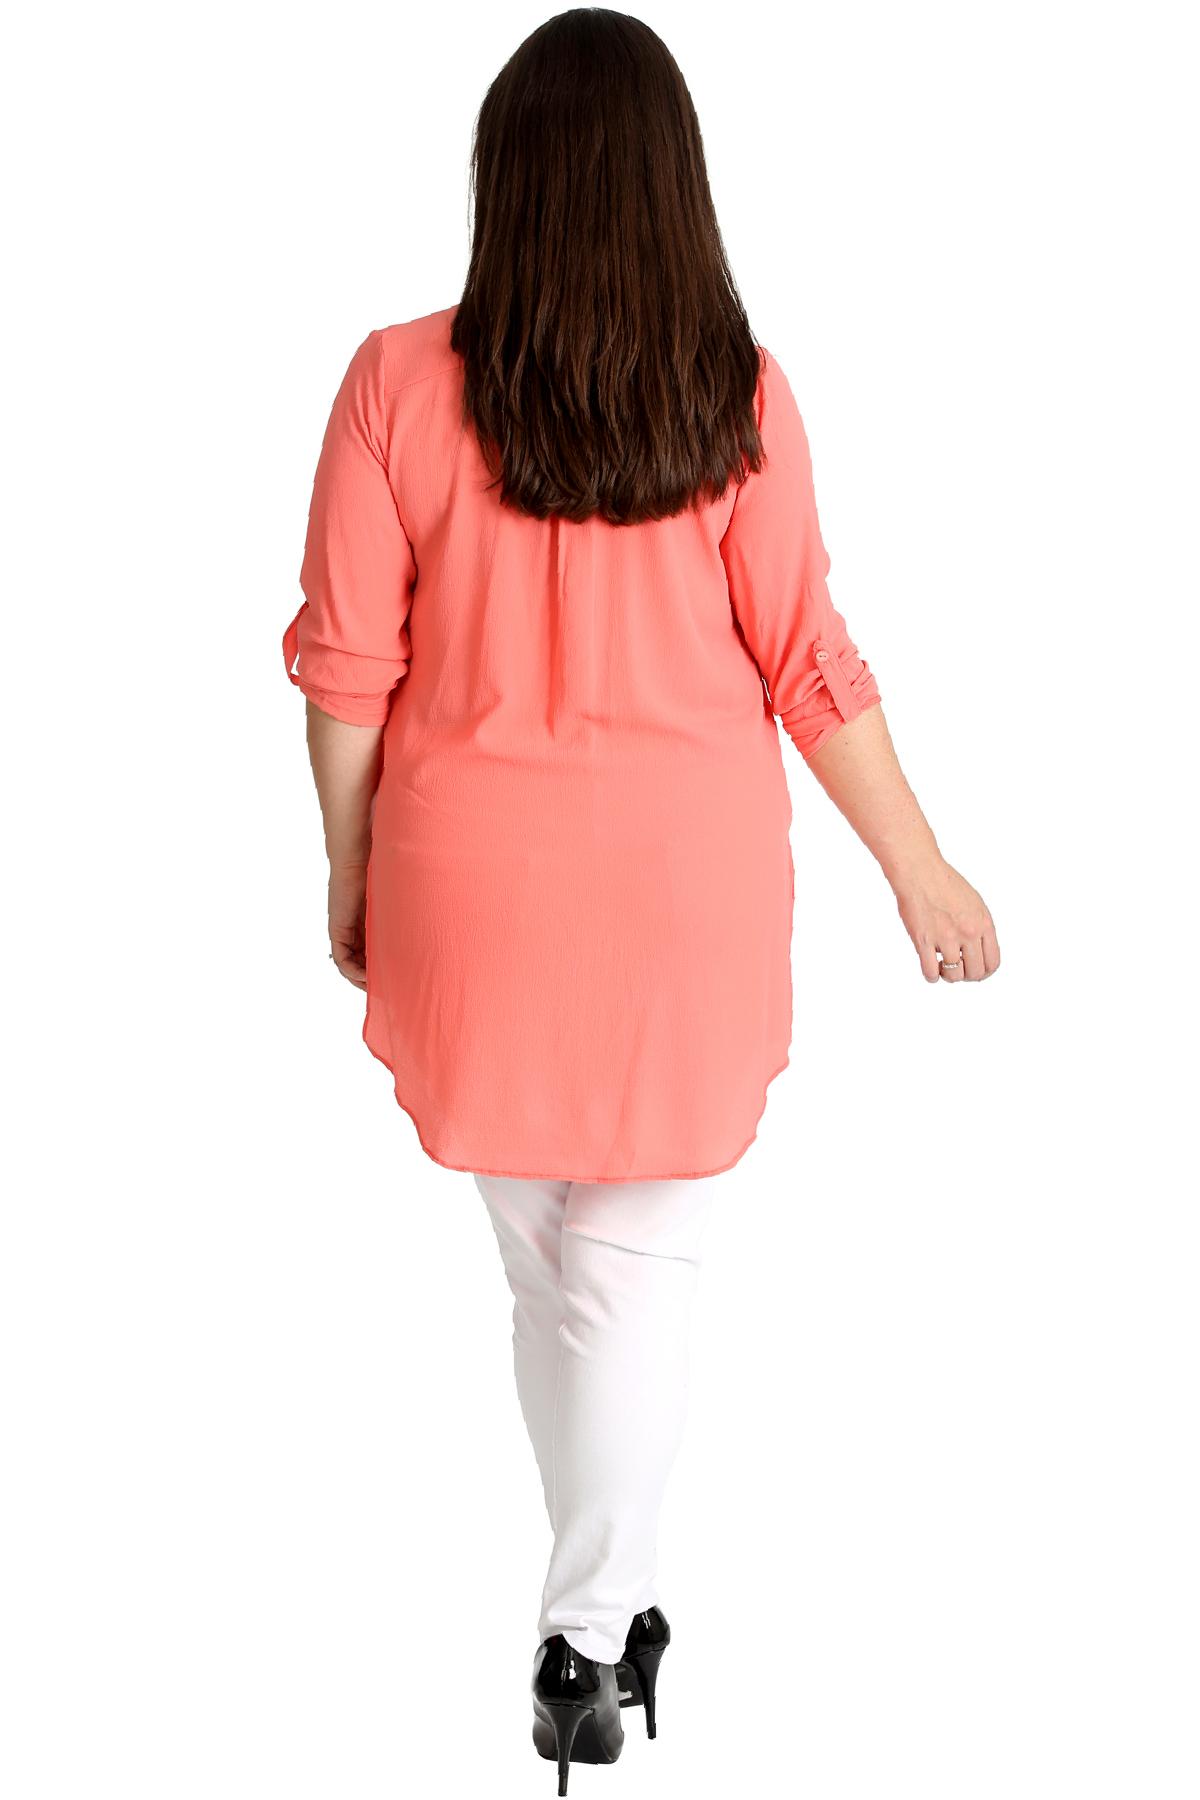 New-Womens-Shirt-Plus-Size-Ladies-Side-Slit-Plain-Top-Collar-Blouse-Long-Button